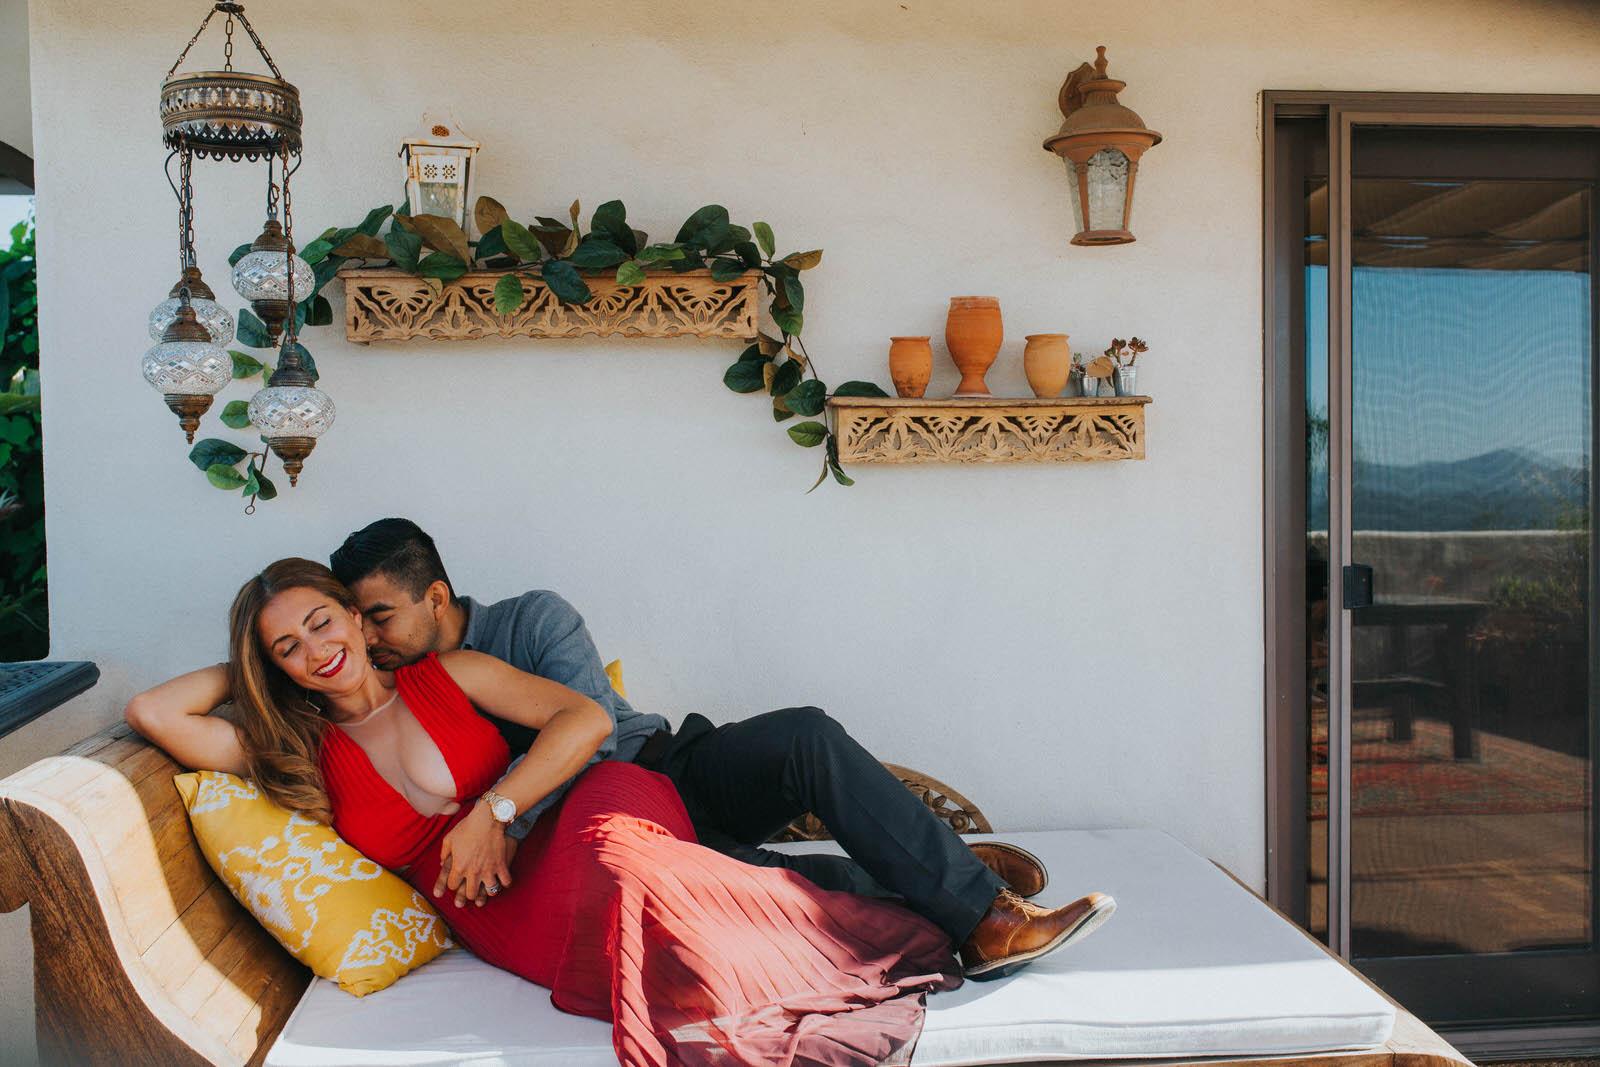 Moroccan In Home Session |SamErica Studios